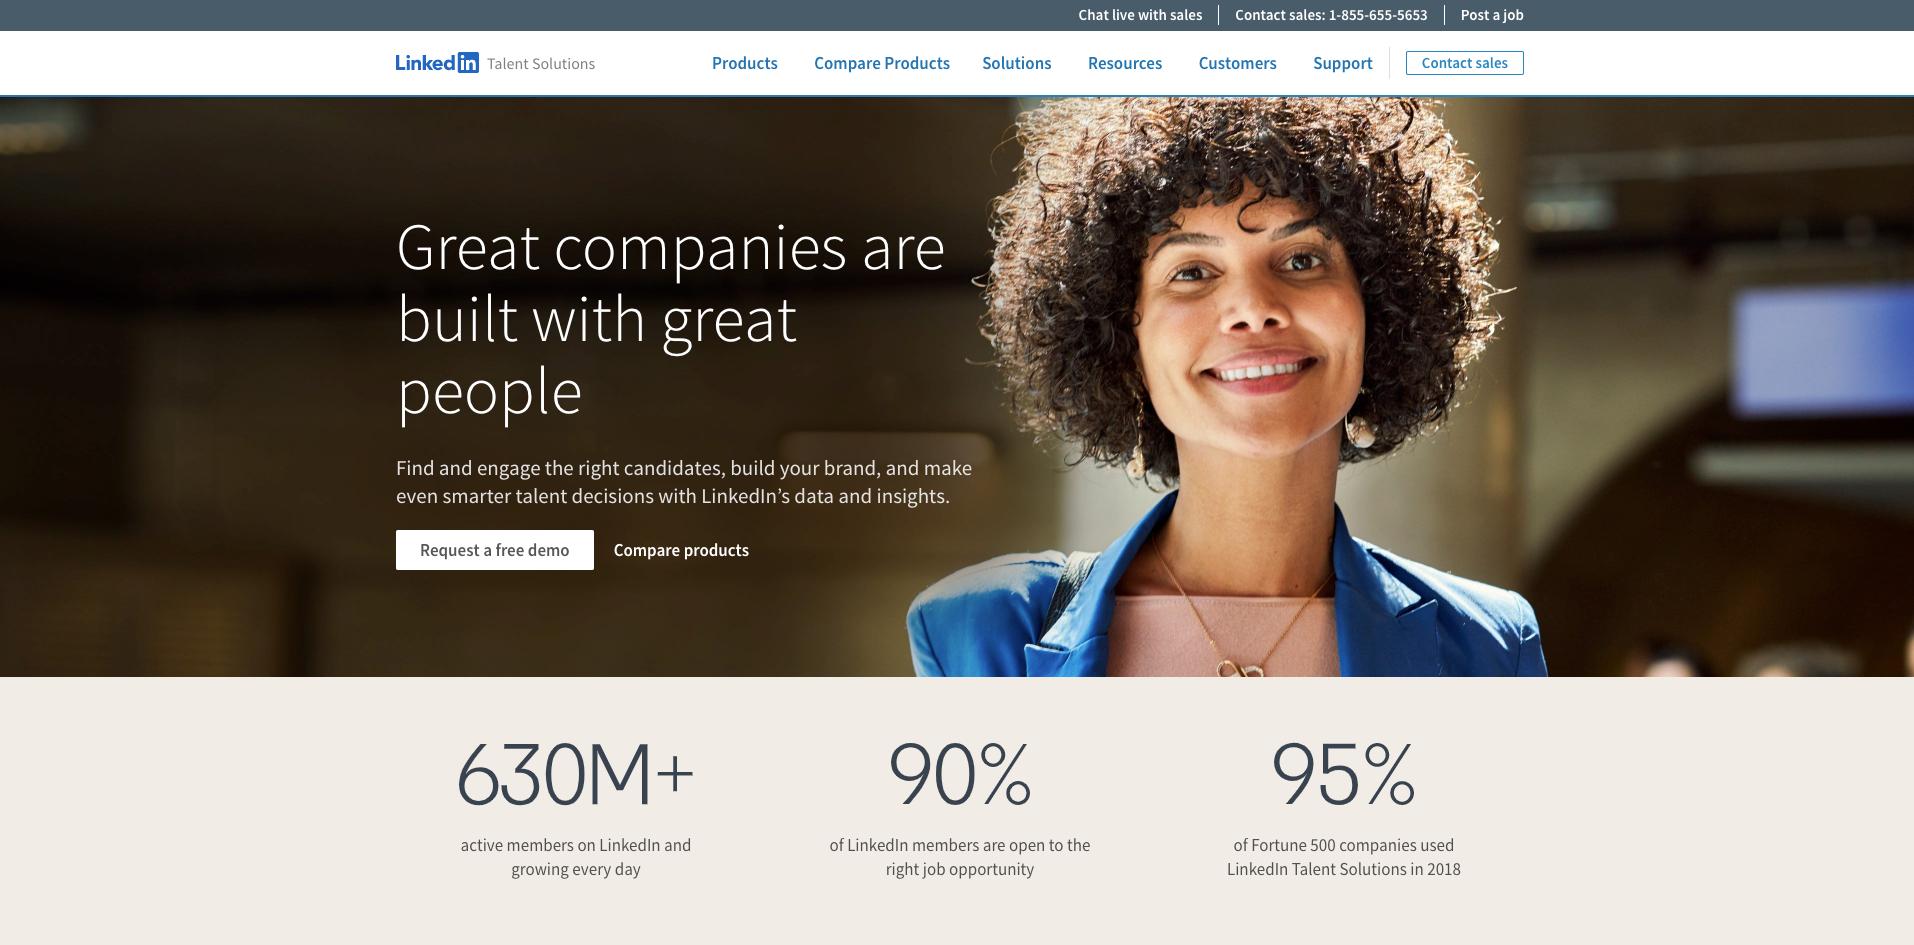 LinkedIn recruiting website homepage screenshot